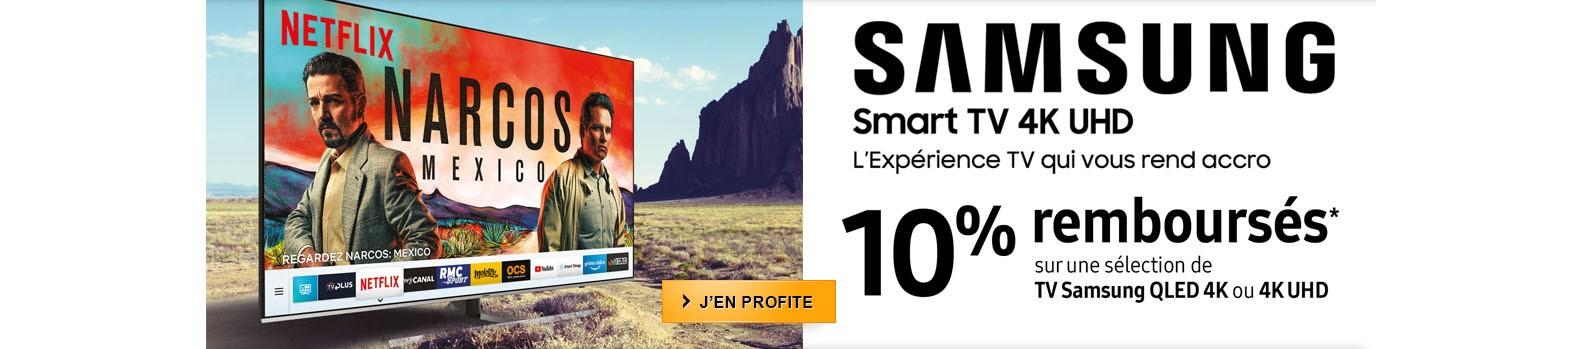 Samsung vous rembourse 10% pour l'achat d'une TV QLED et 4K UHD jusqu'au 29 janvier